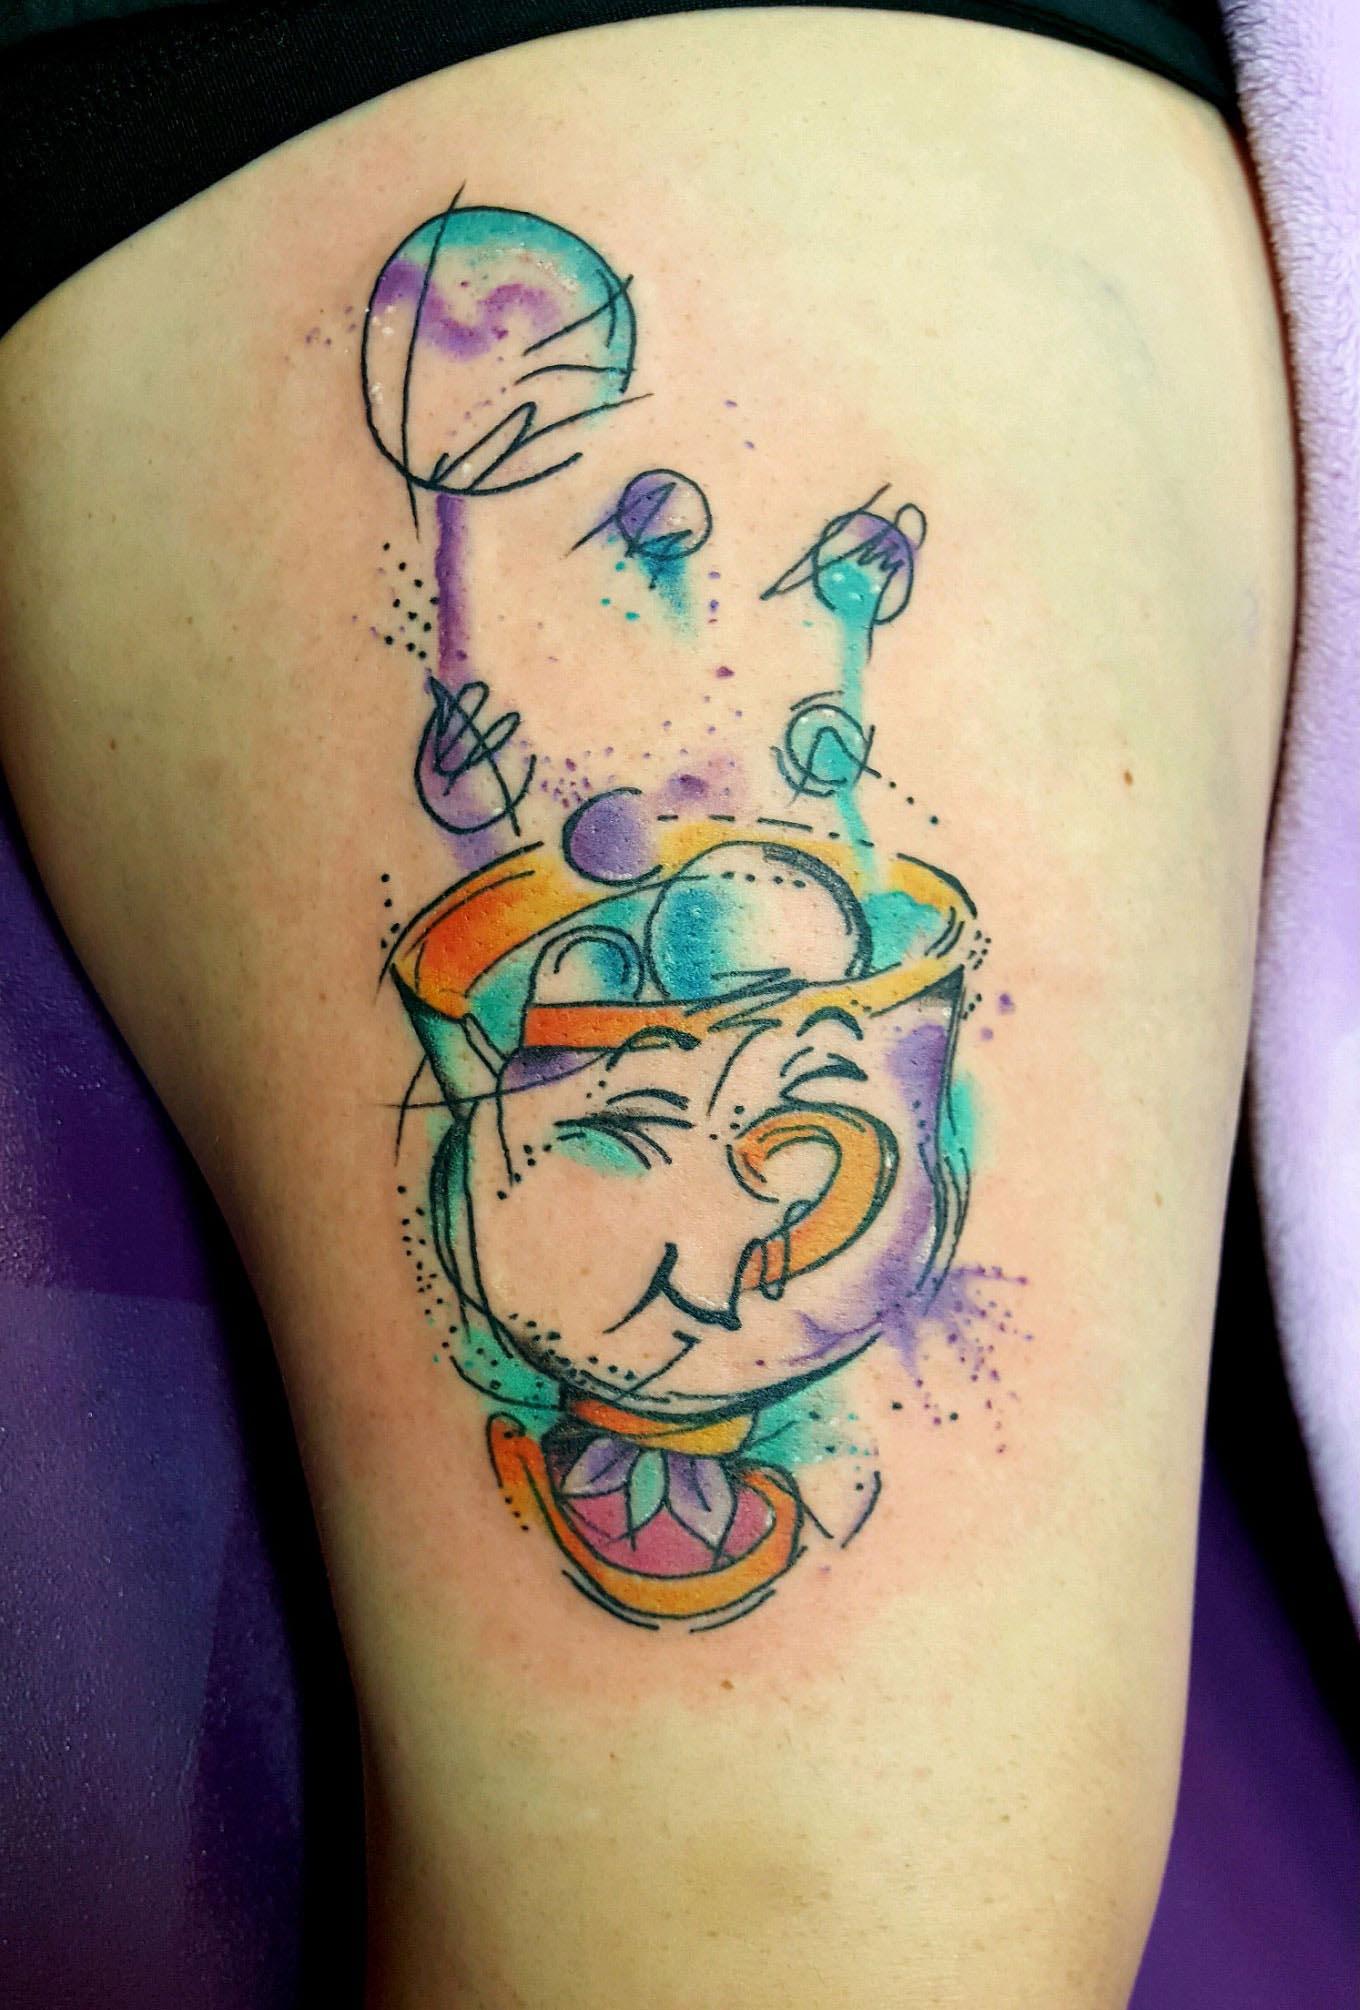 Ink Spot Tattoo   Orlando Tattoo Shop